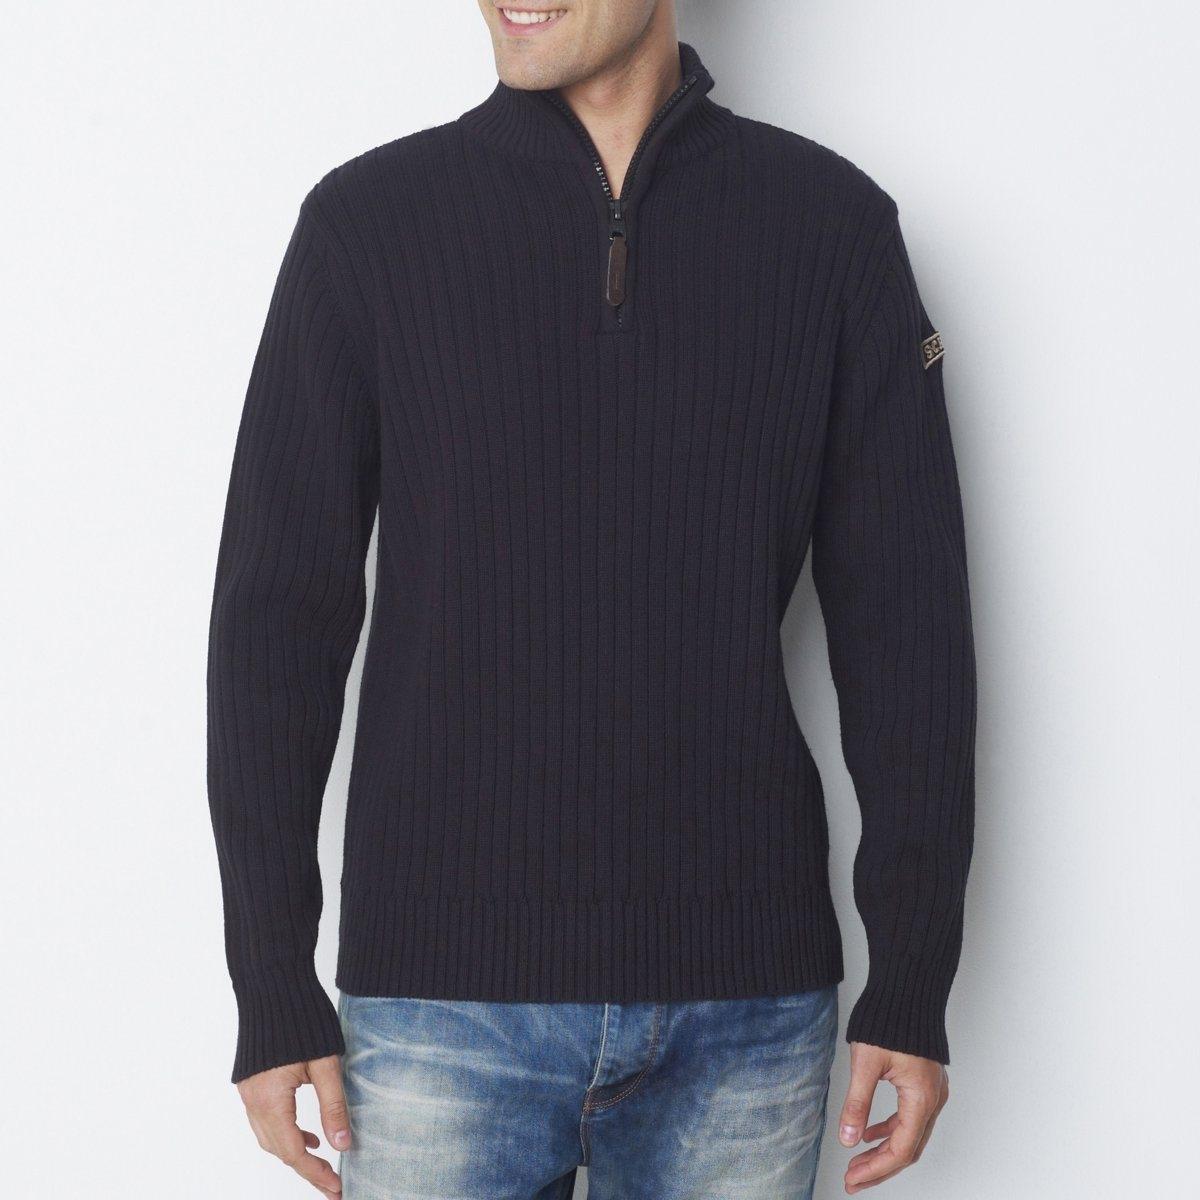 ПуловерПуловер PL RAGE 2 от SCHOTT. 50% хлопка, 50% акрила. Высокий воротник с застежкой на молнию. Стильная модель вне времени!<br><br>Цвет: черный<br>Размер: S.M